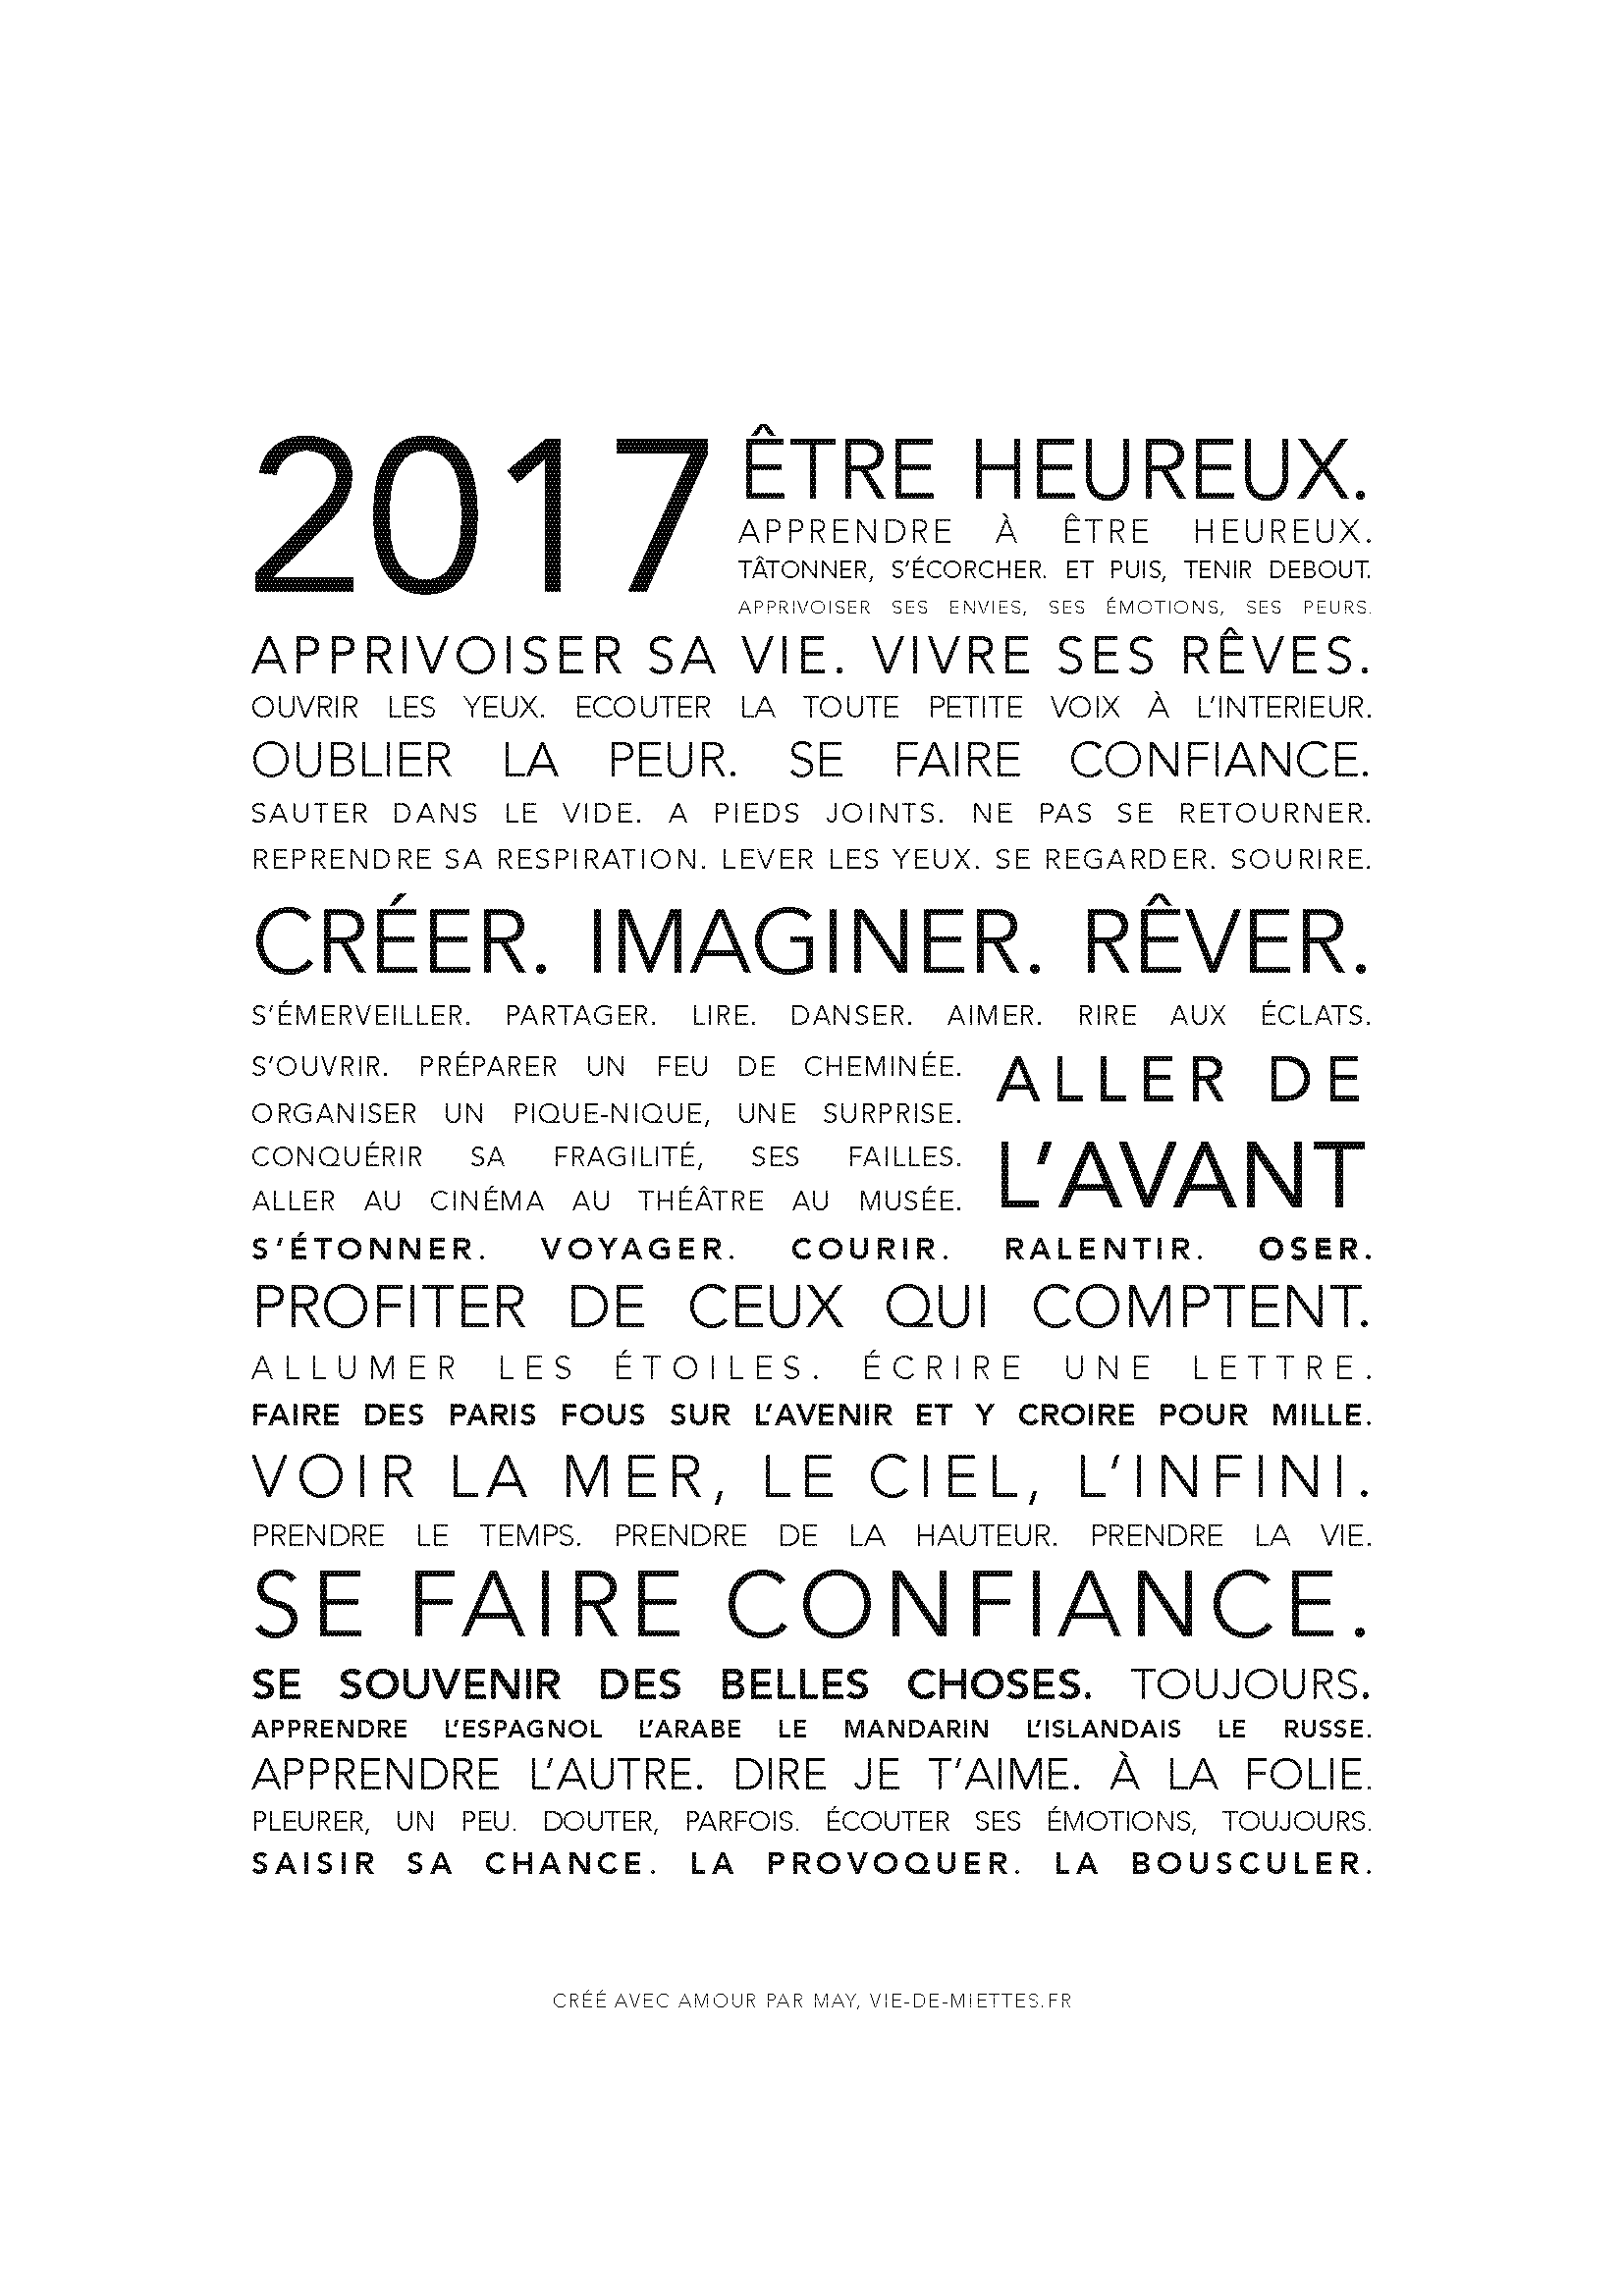 Unique Image A Imprimer Bonne Annee 2017